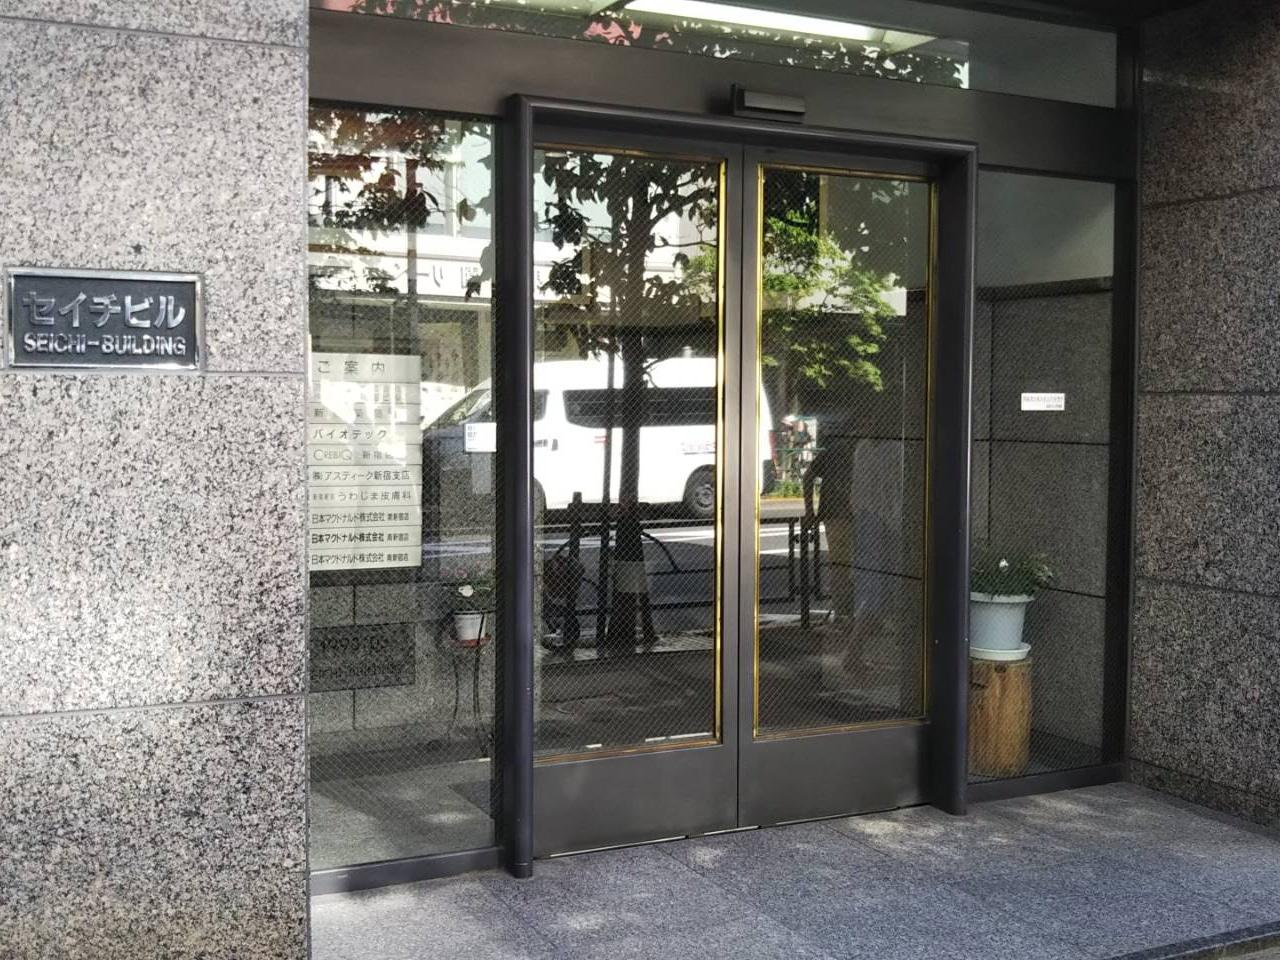 6.このビルの6階がCREBIQ新宿店となります。